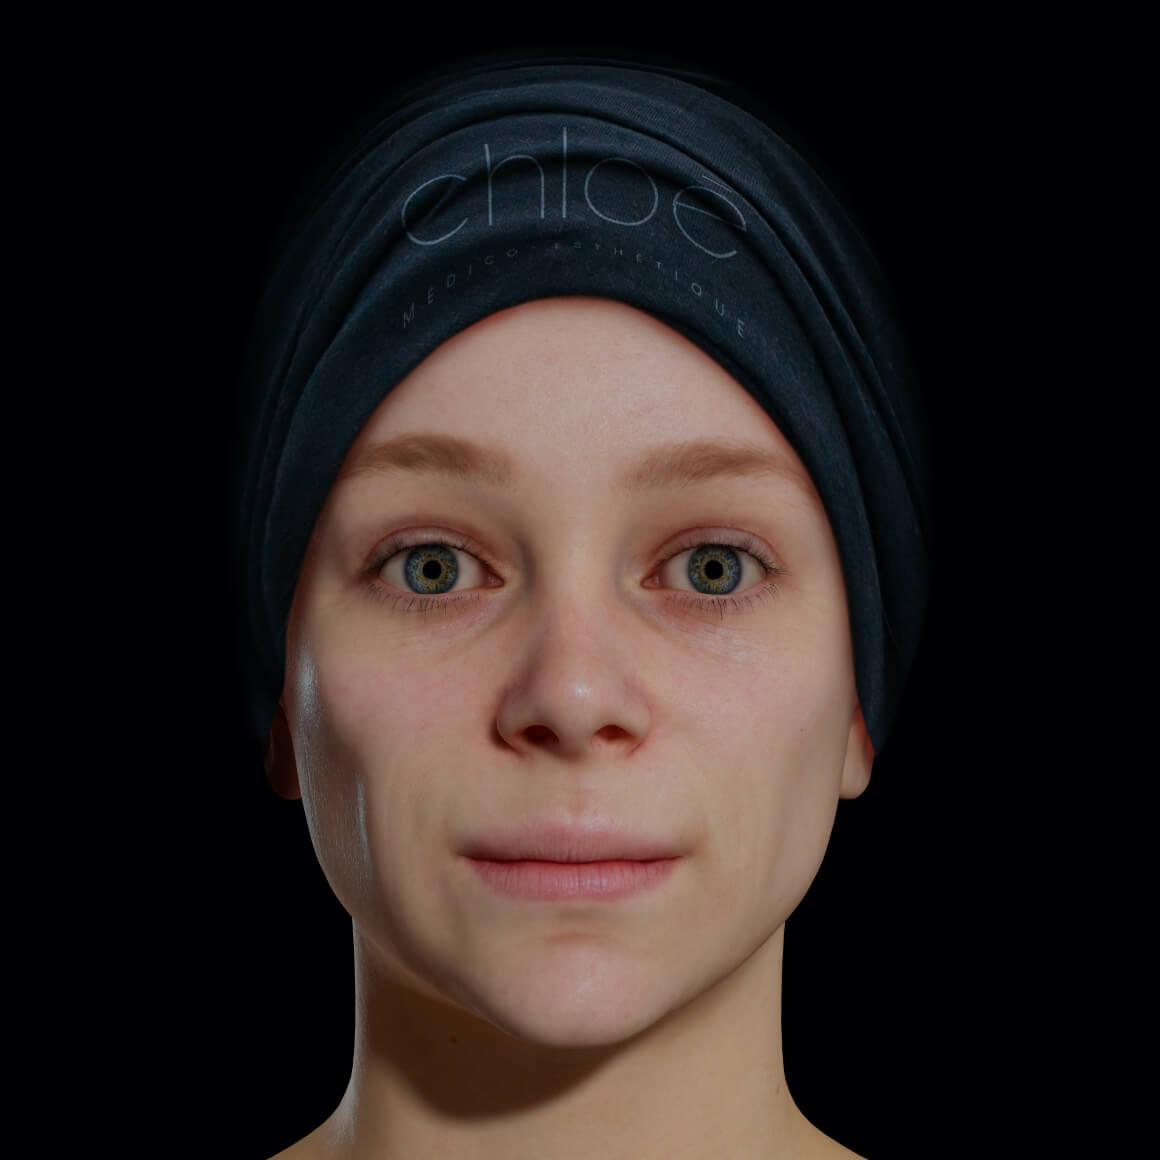 Une patiente de la Clinique Chloé de face après des traitements de photorajeunissement à la lumière intense pulsée, ou IPL